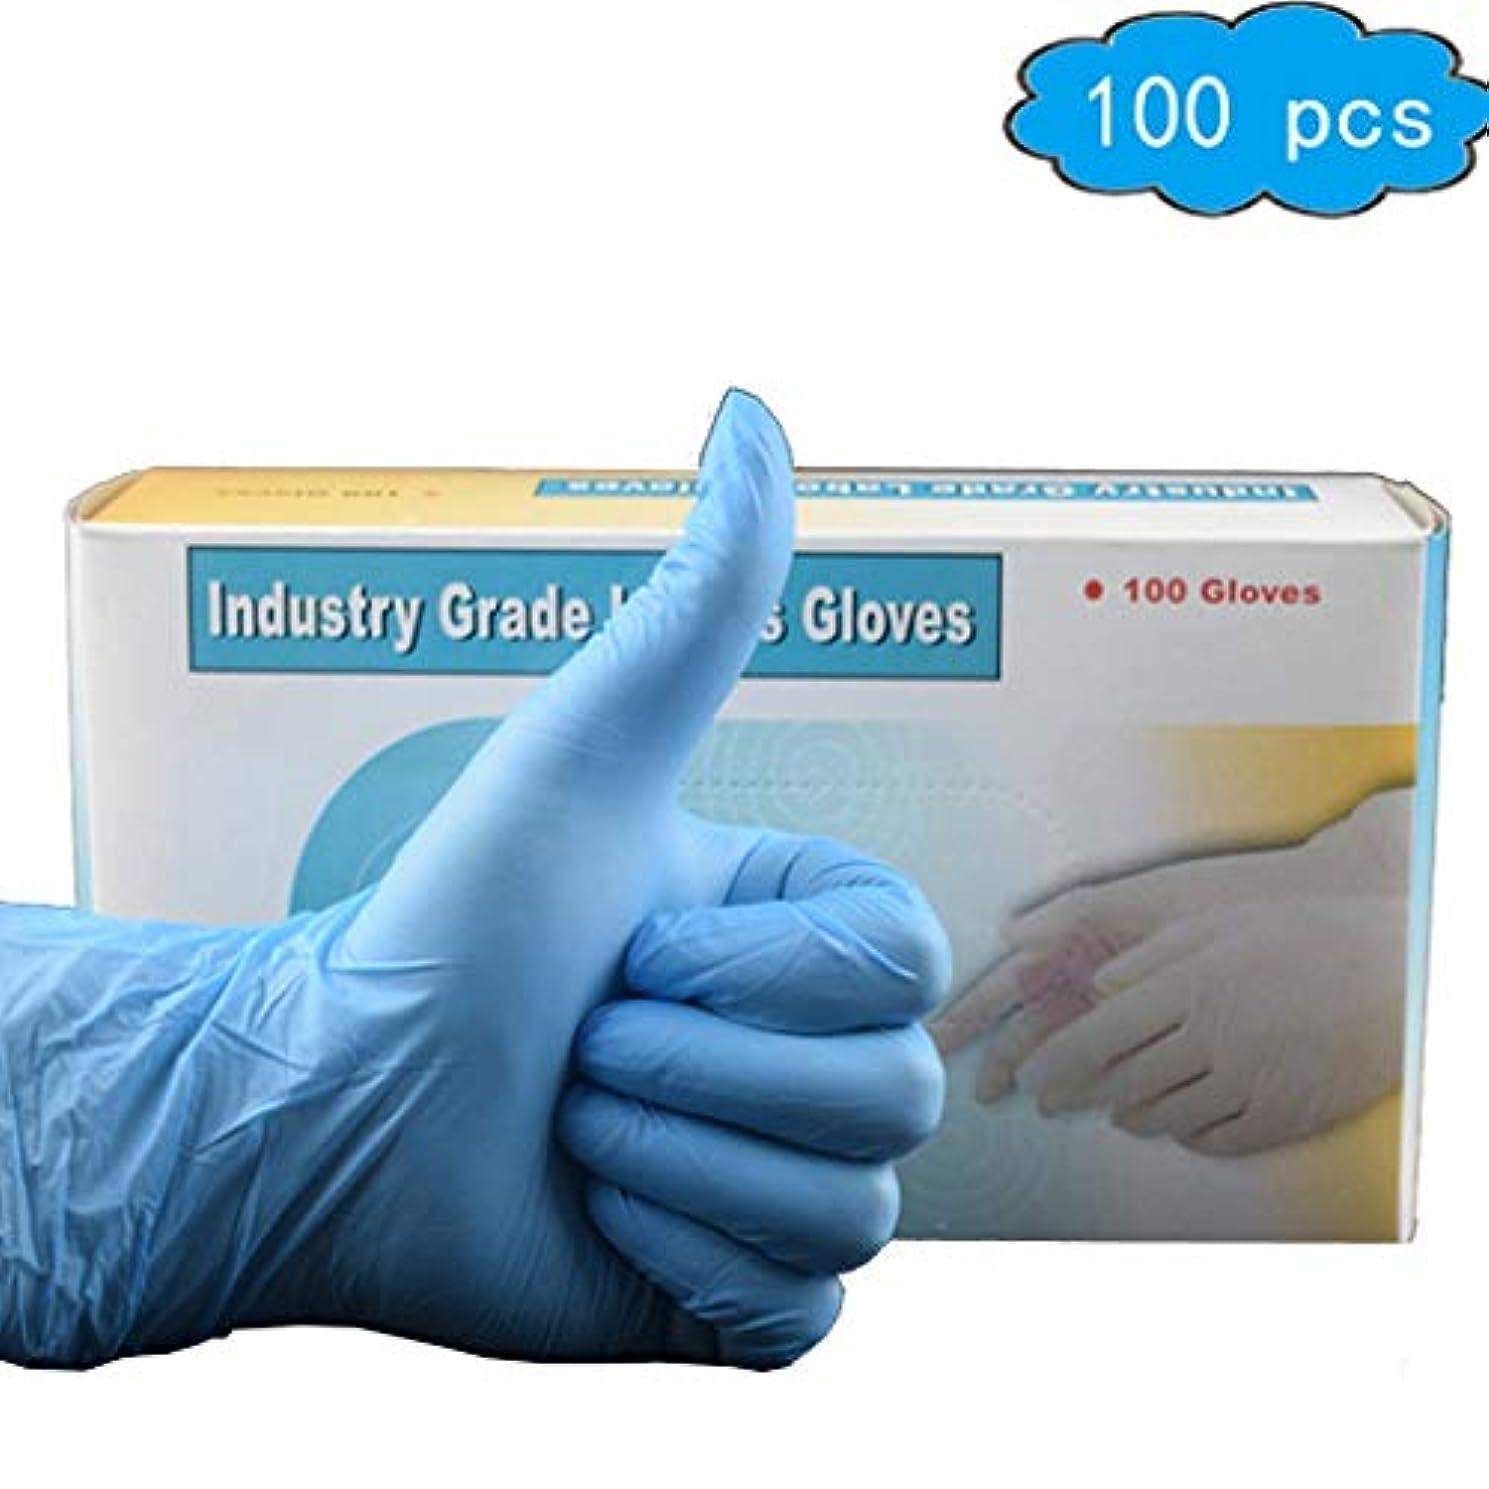 惑星海藻艶使い捨て手袋、子供用使い捨て手袋、子供用ニトリル手袋 - 粉末なし、ラテックスなし、無臭、食品等級、アレルギー、質感のある指 - 100PCSブルー (Color : Blue, Size : L)